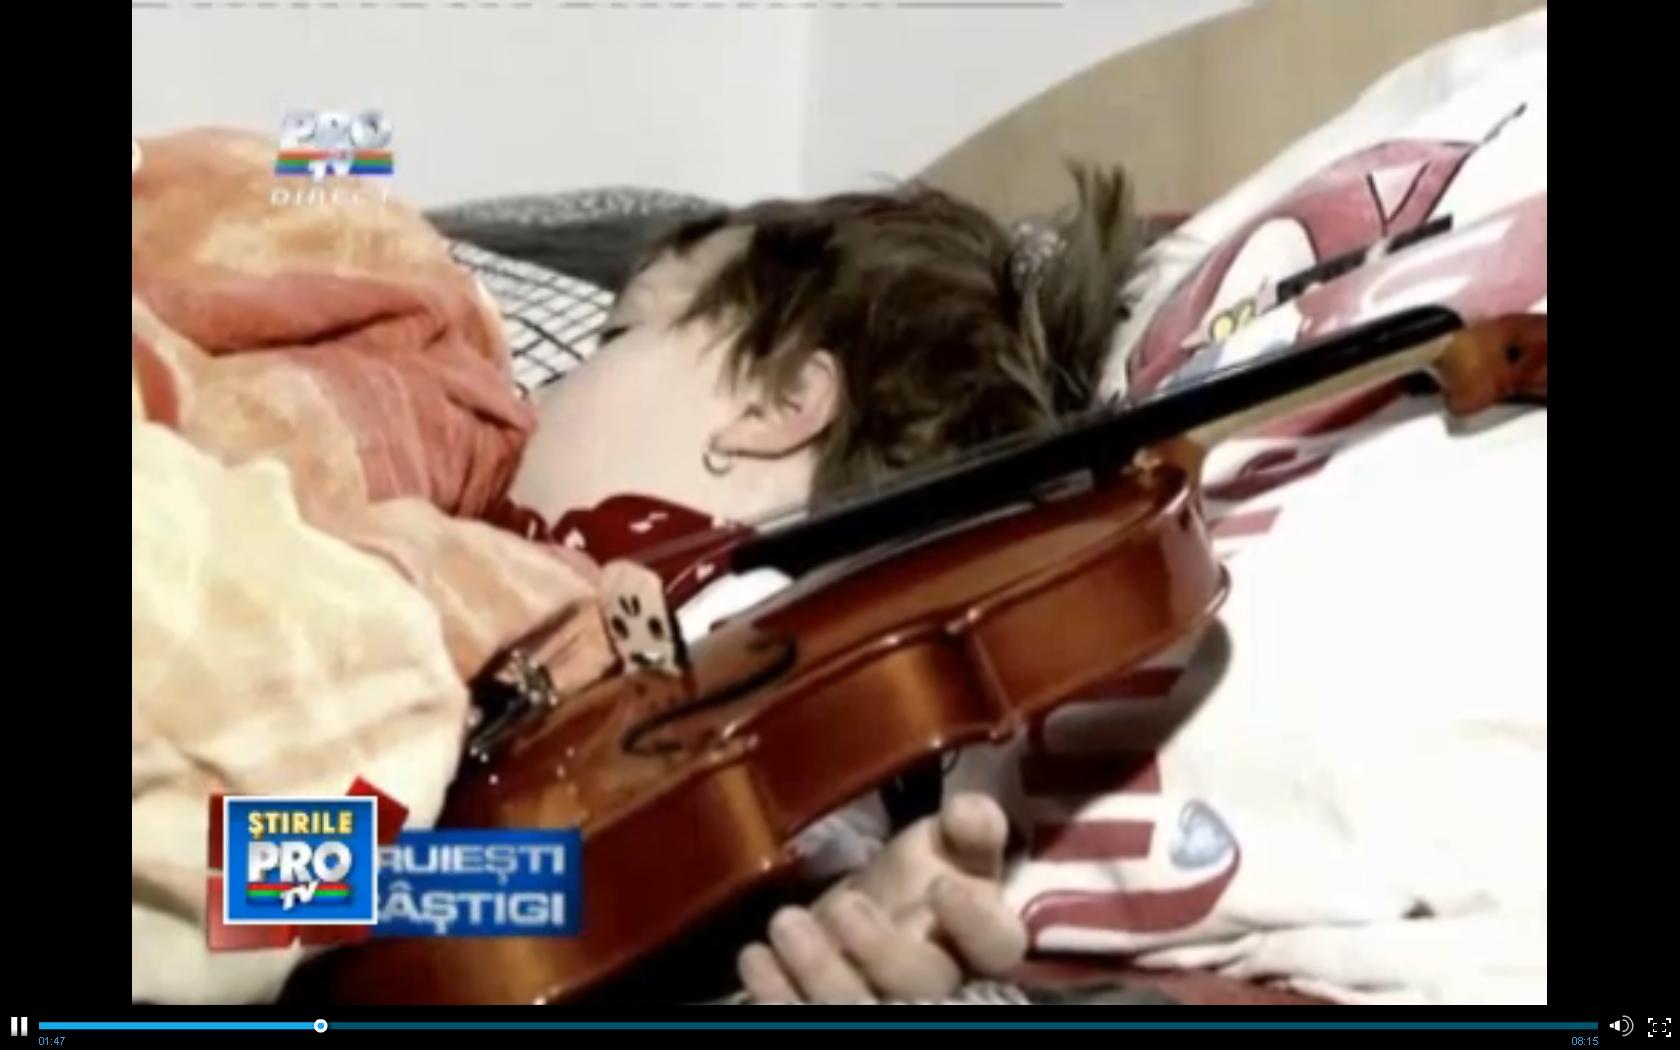 Daruiesti si castigi: trei copii din Iasi, grav bolnavi, isi doresc sa cante la pian si la vioara